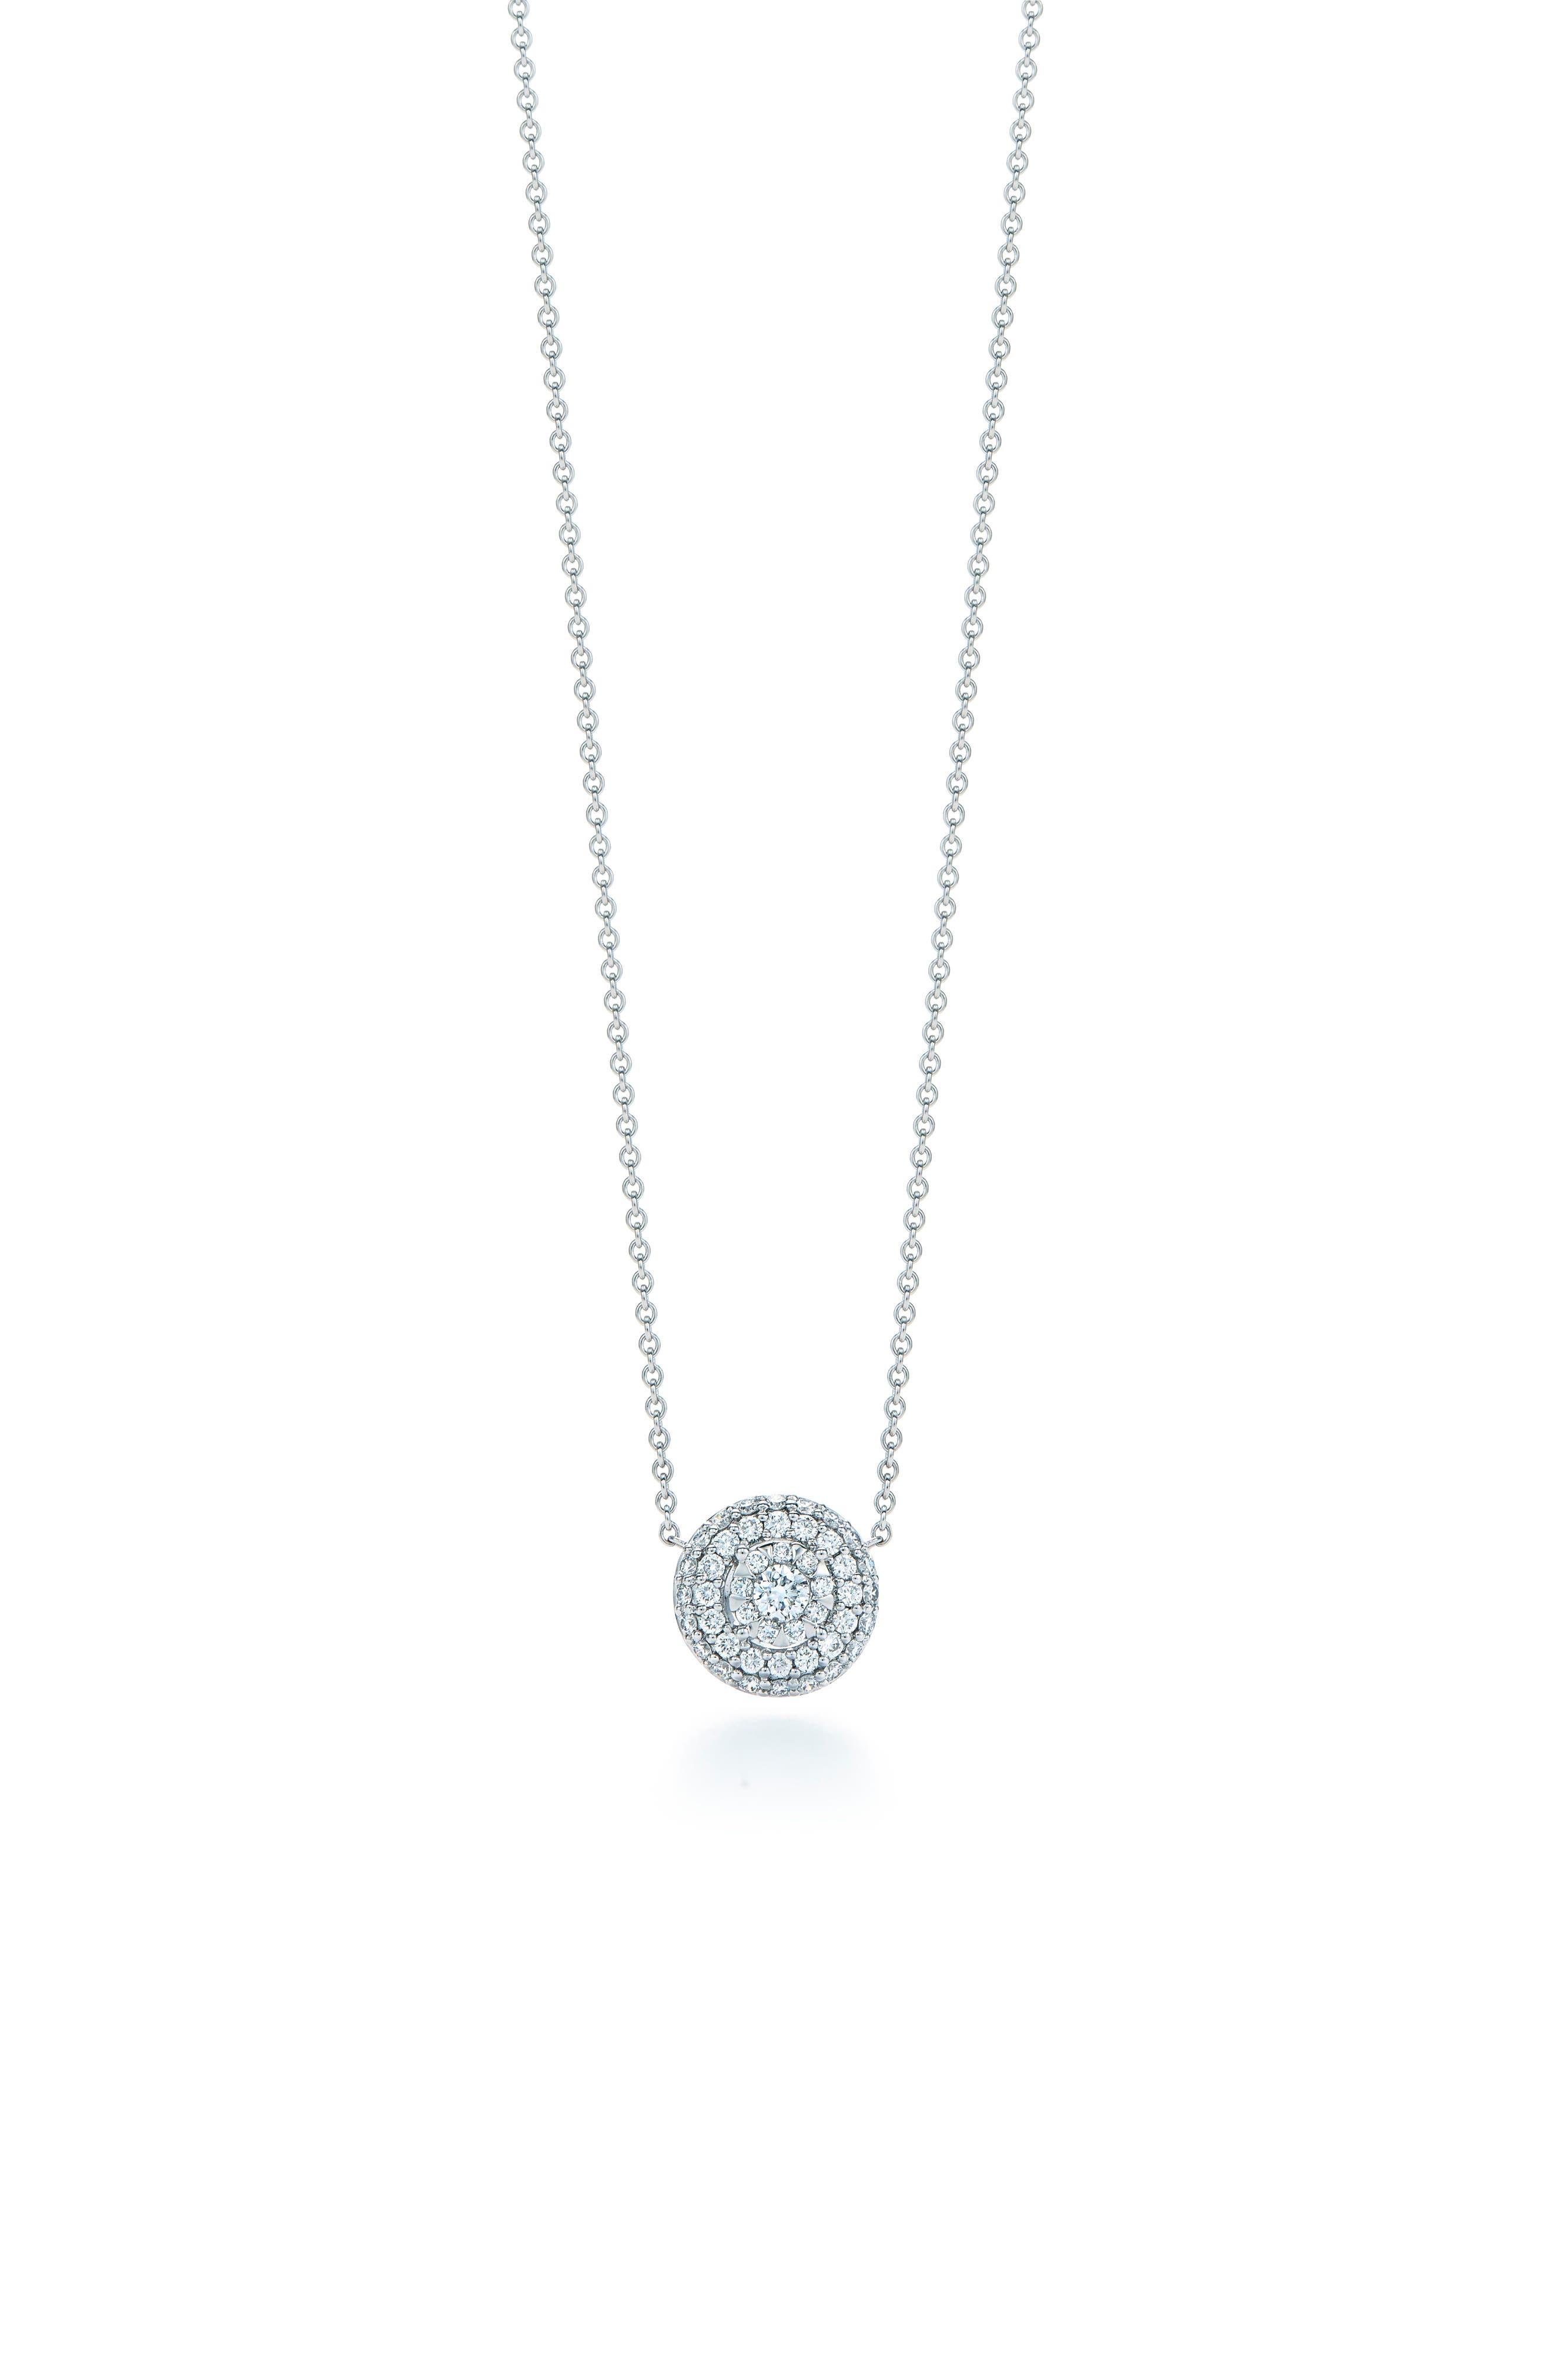 Sunburst Pavé Diamond Double Halo Pendant Necklace,                             Main thumbnail 1, color,                             WHITE GOLD